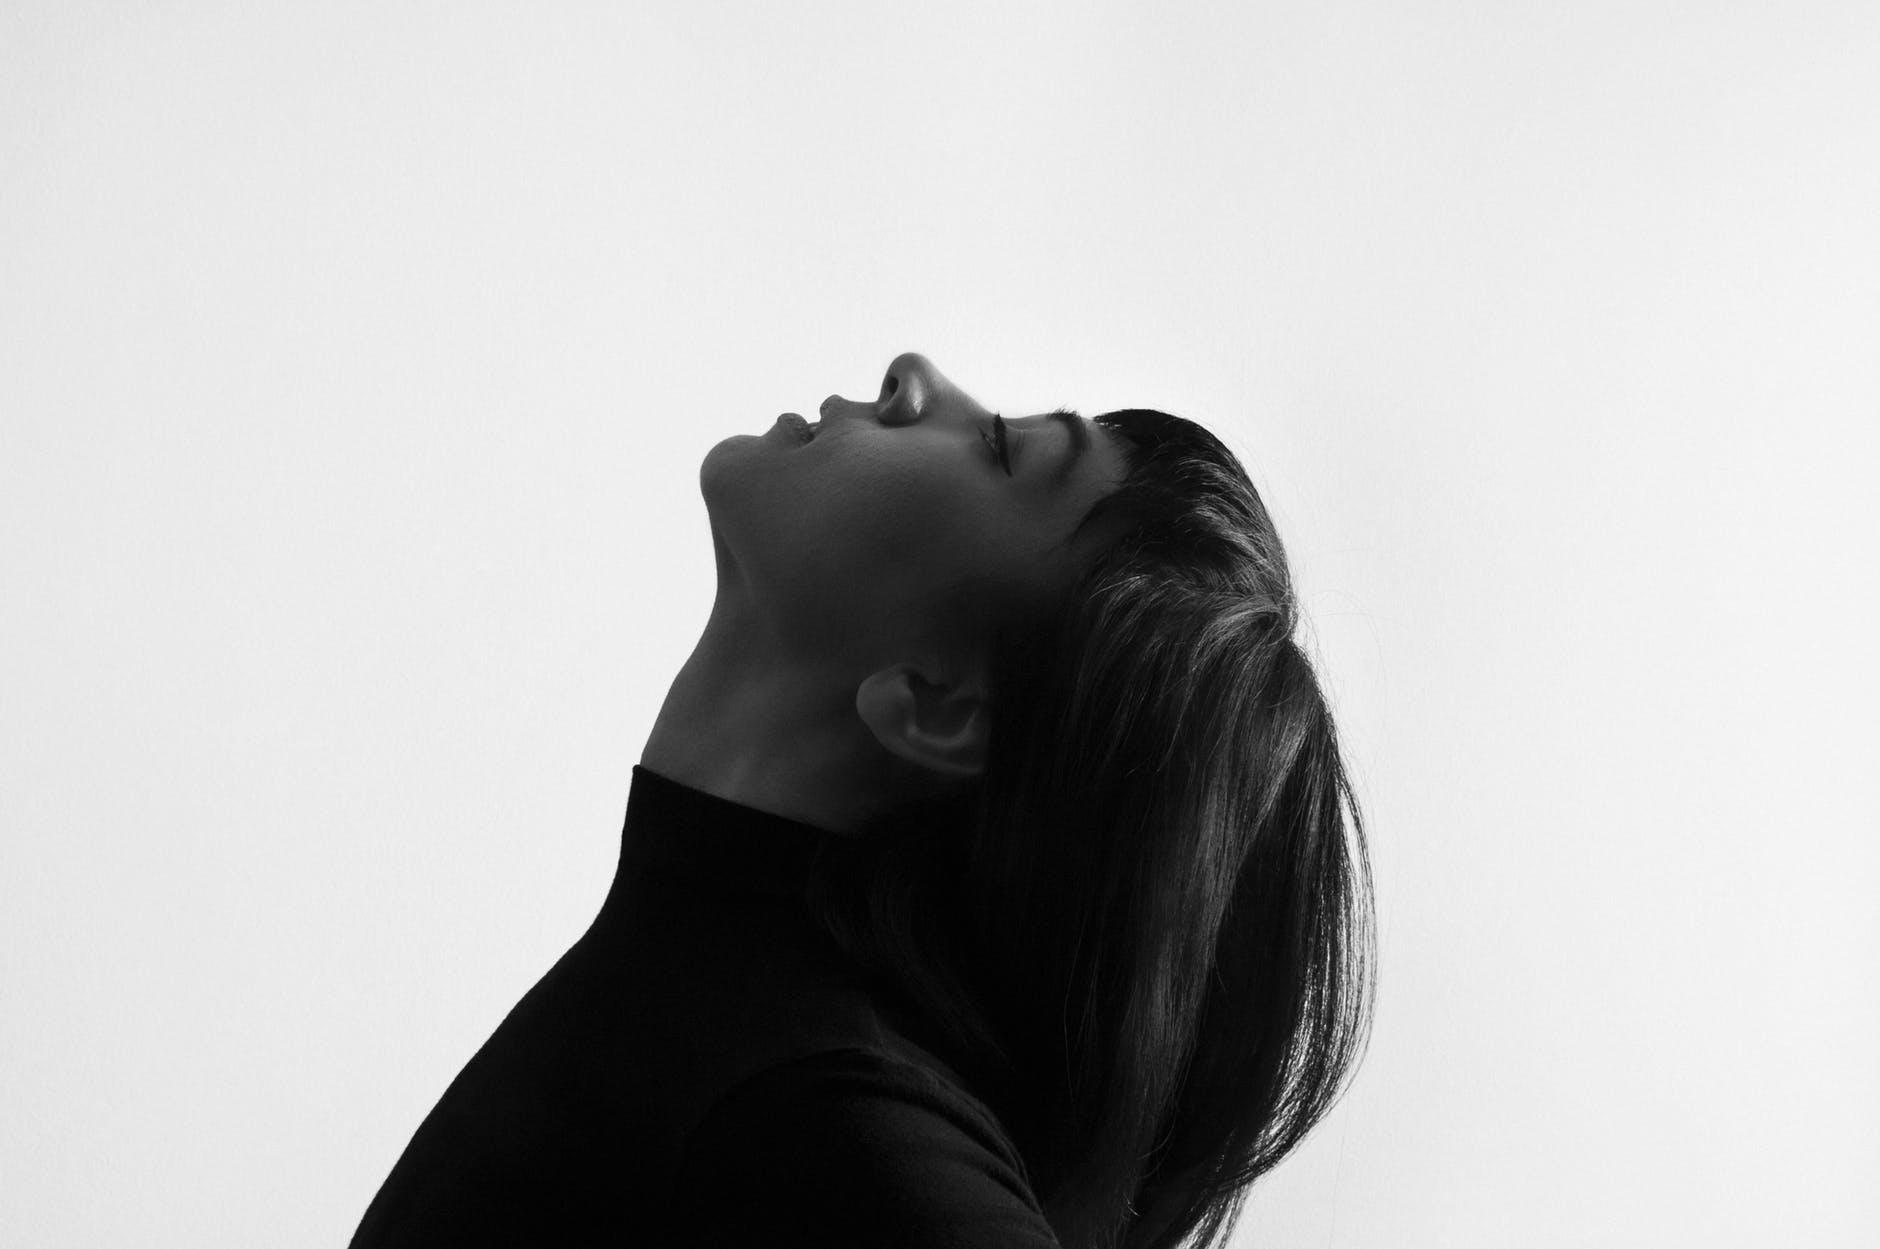 Vrijeme je da odustanete od mnogih stvari, Osobno iskustvo: Bulimija mi je uništila život i potpuno me posjedovala